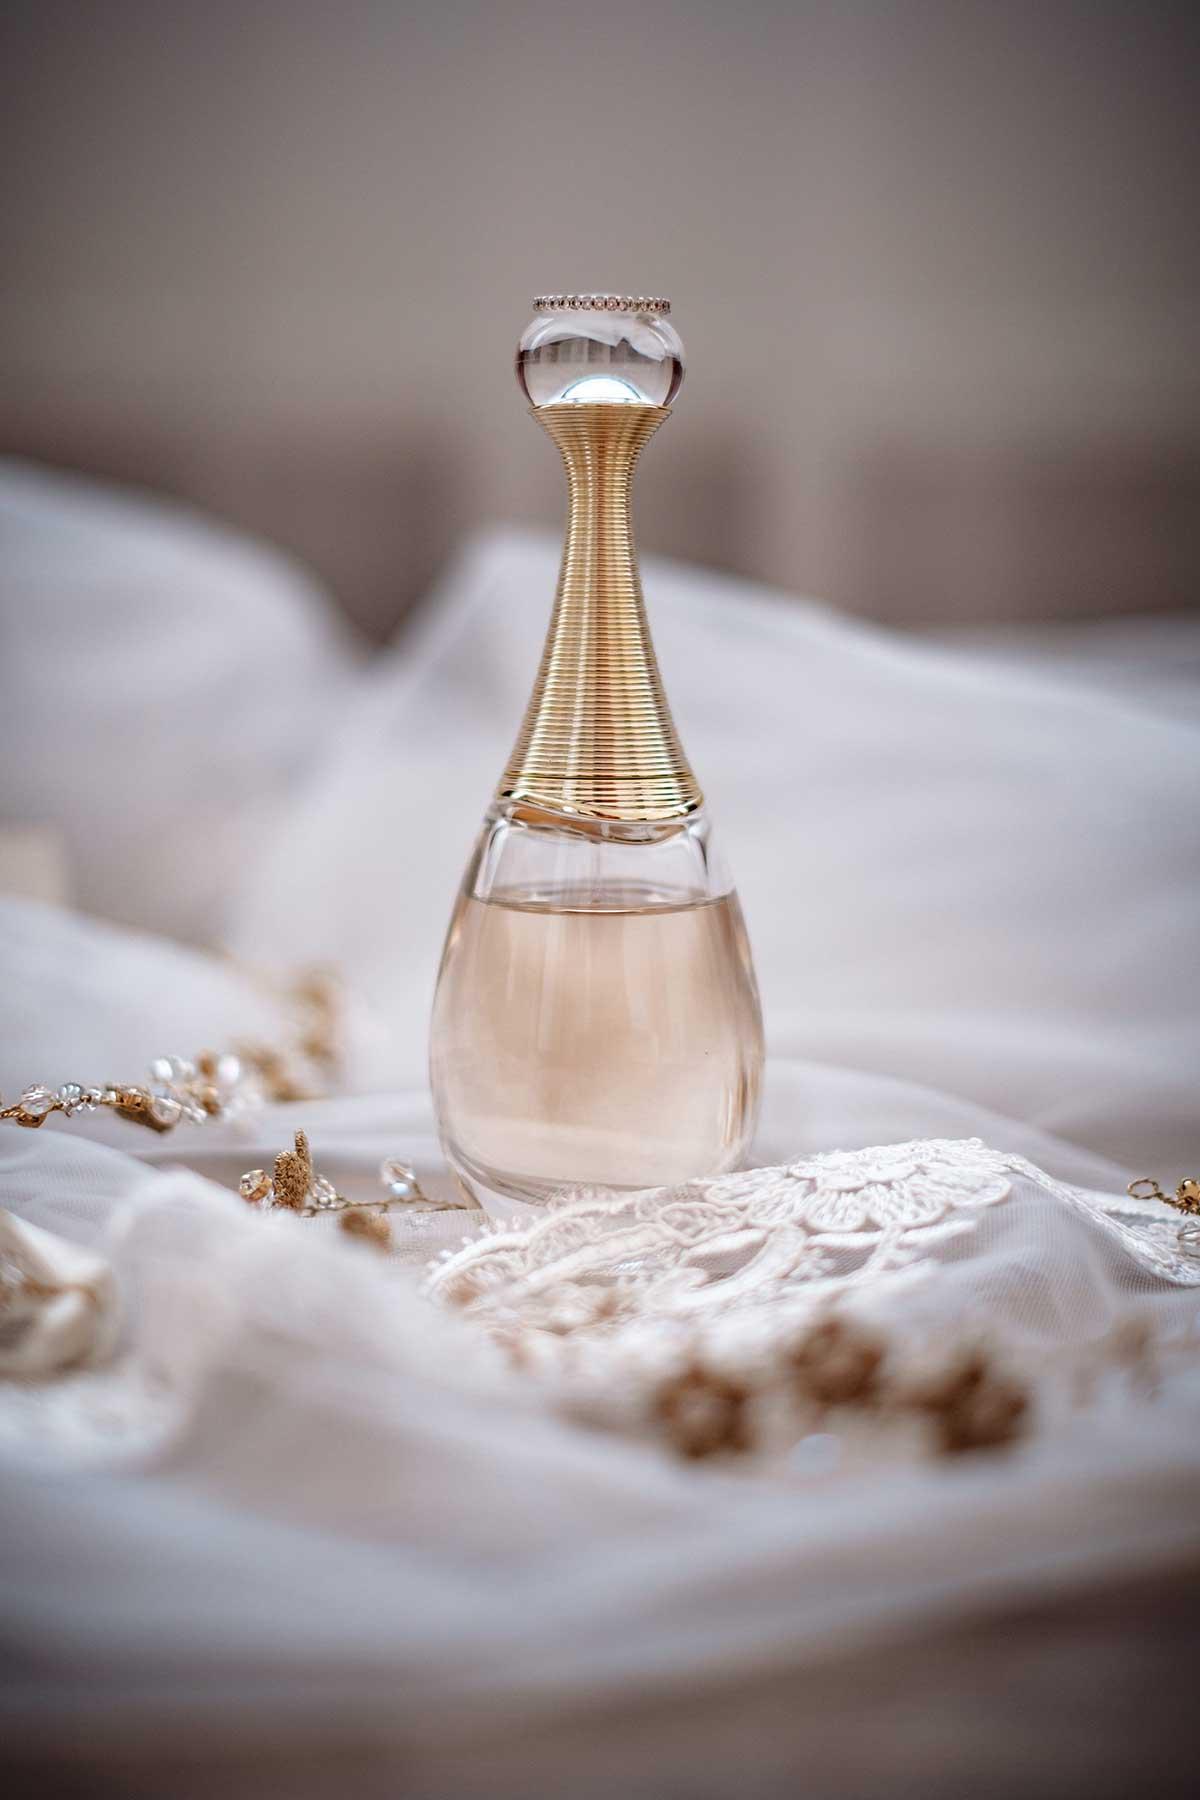 Parfüm für die Braut beim Getting Ready